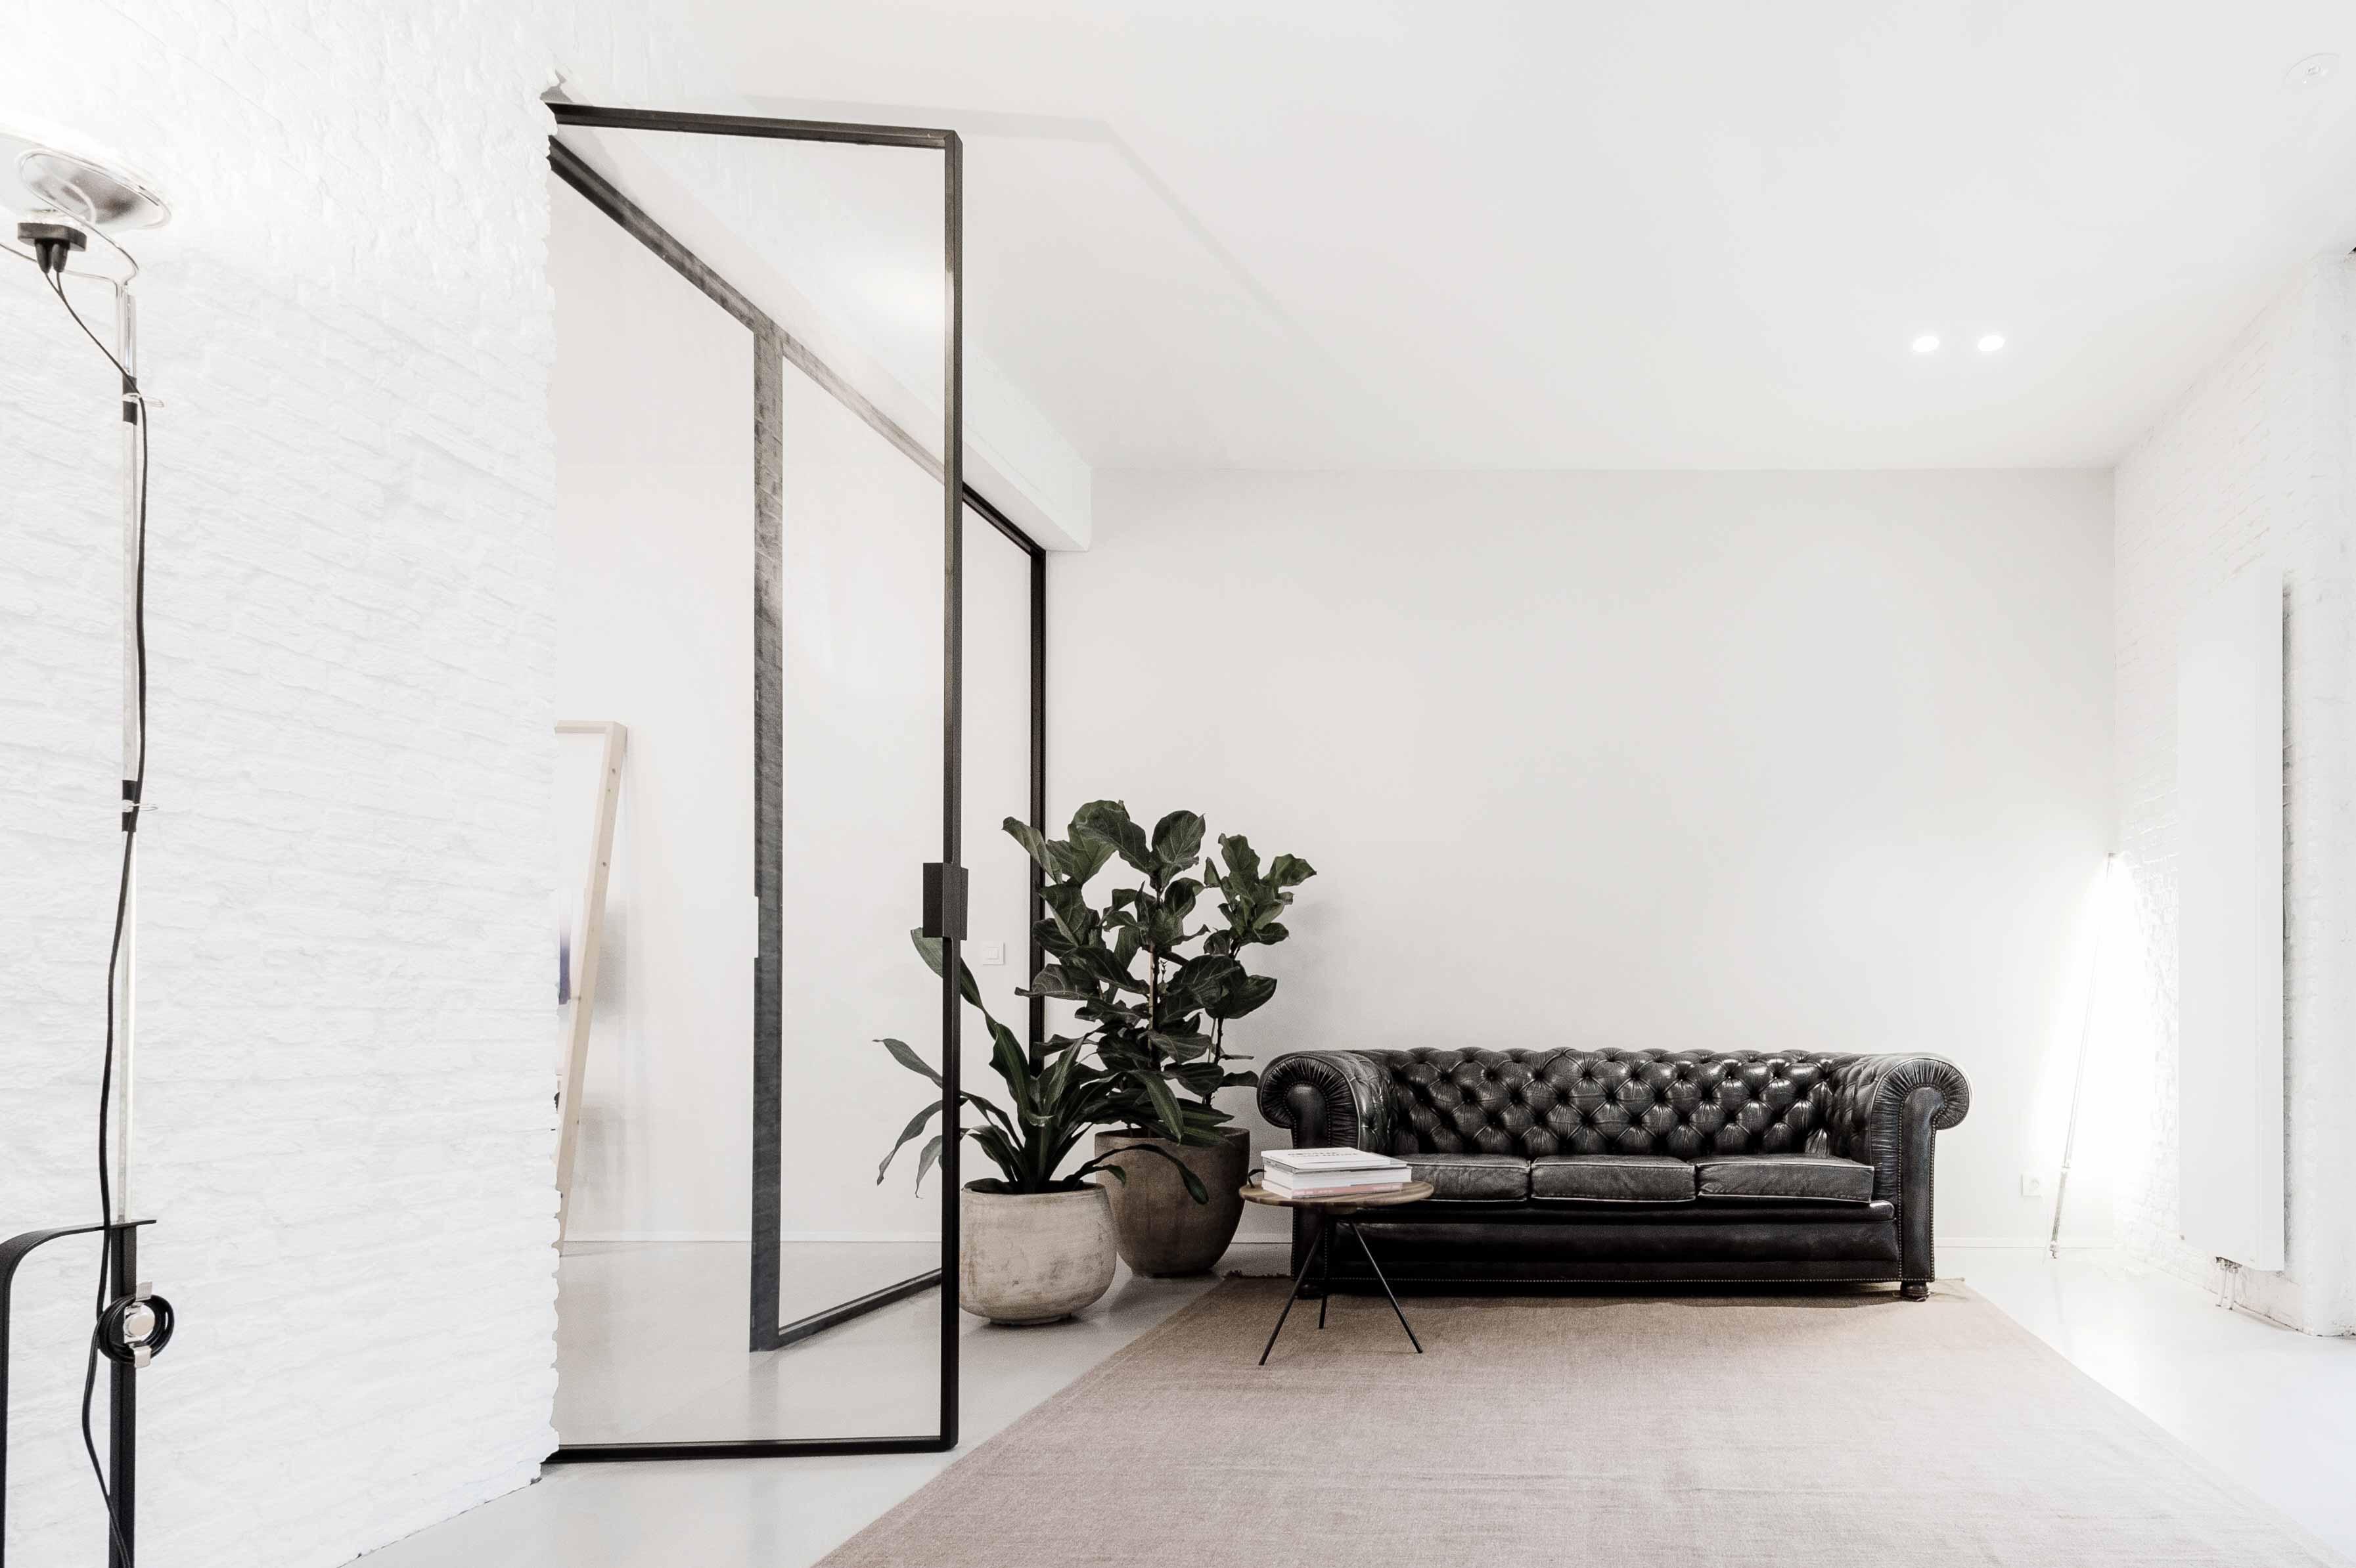 Studio Tolleneer - Kantoor Rijkswachtkazerne Antwerpen